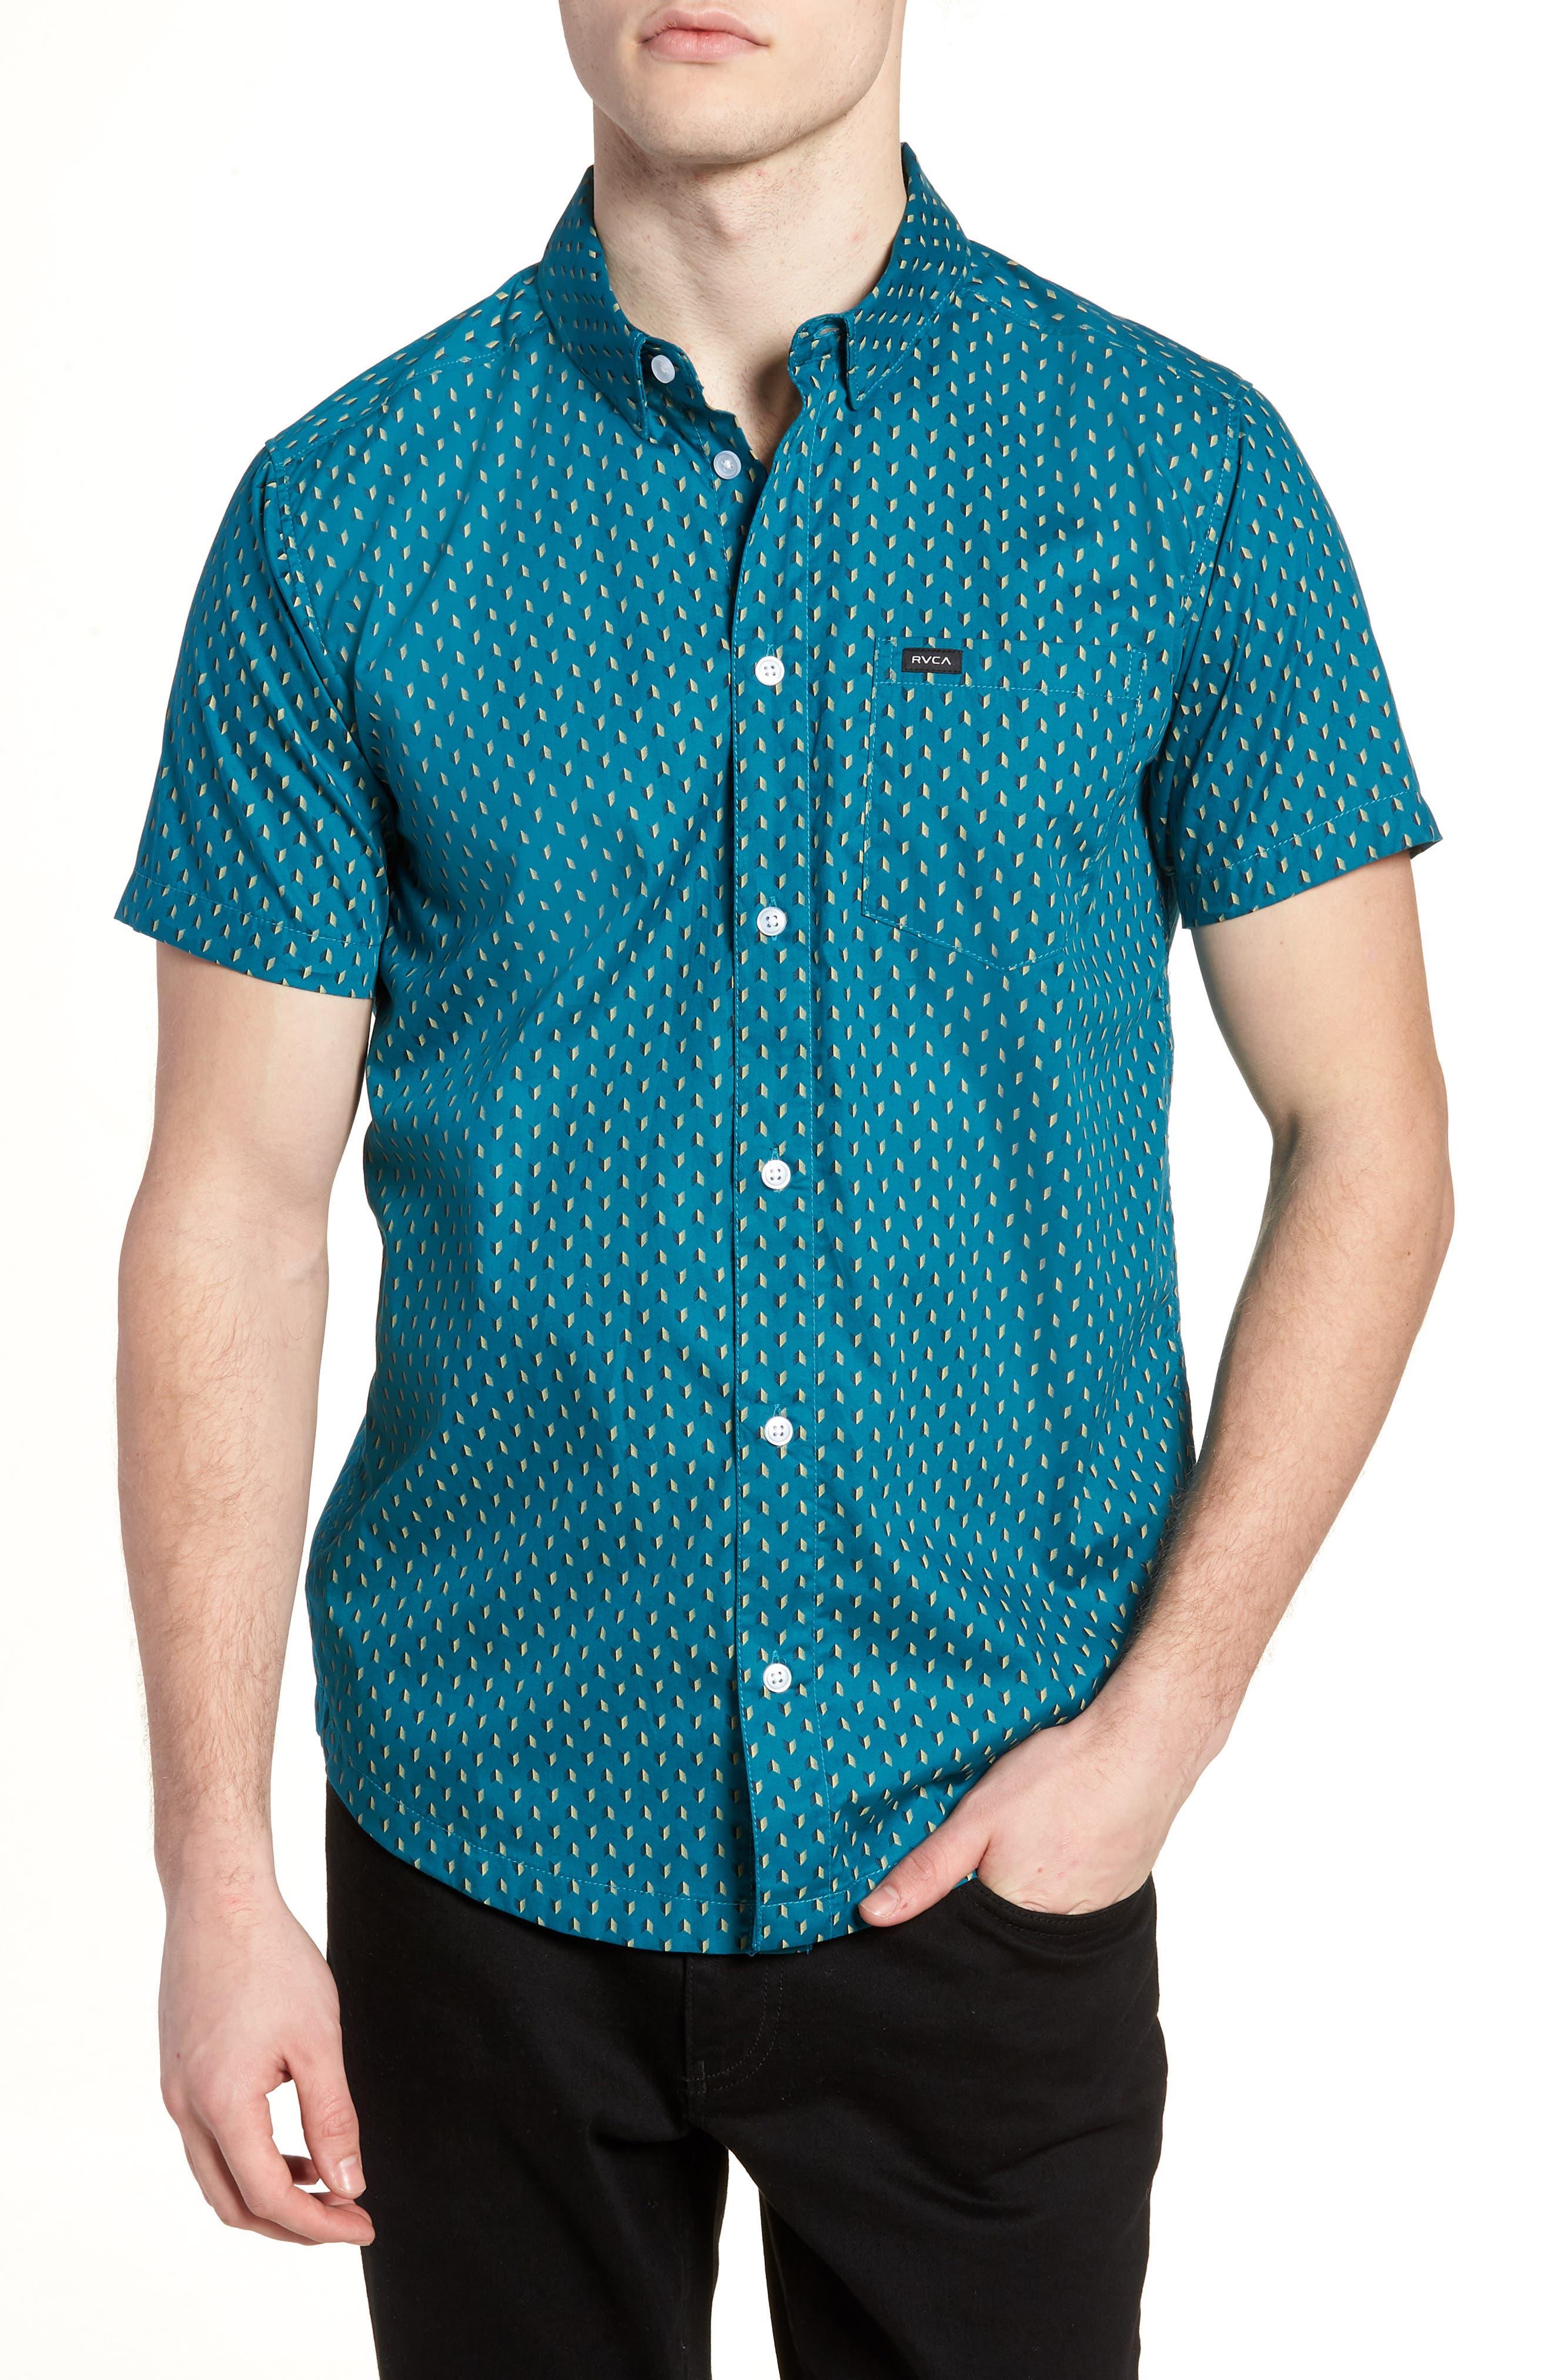 RVCA Arrowed Woven Shirt